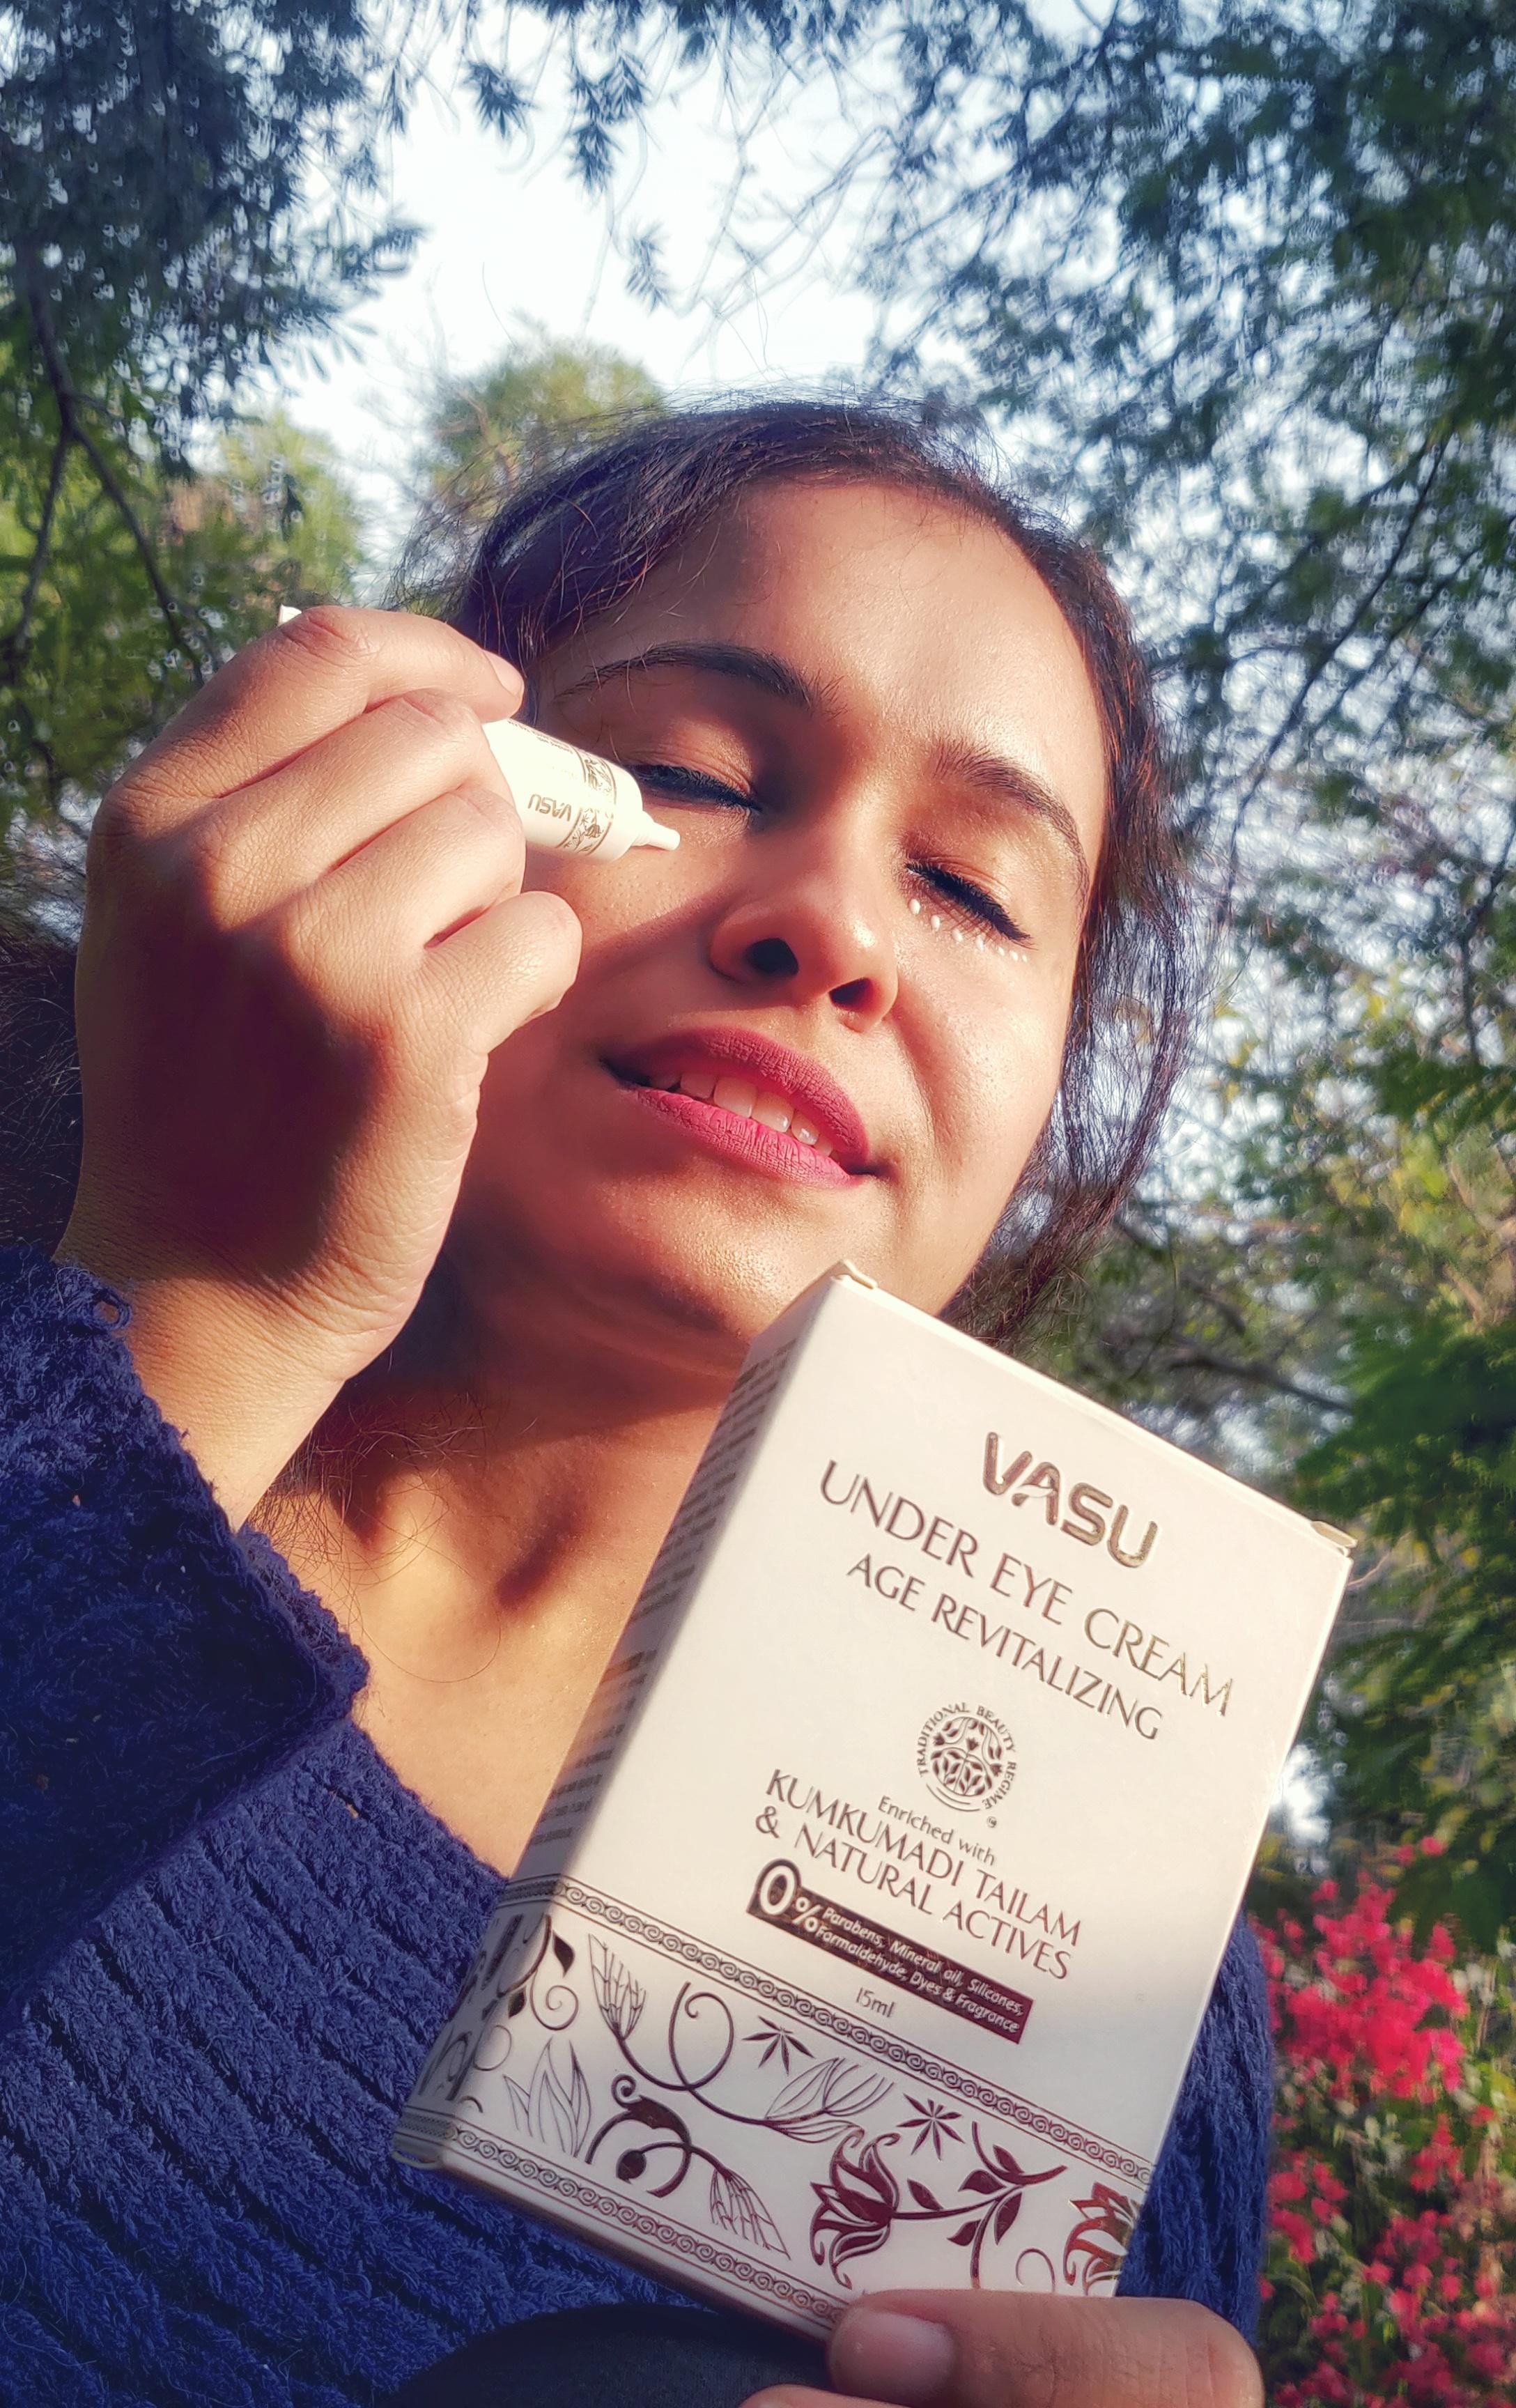 Vasu Age Revitalizing Under Eye Cream-Eye care-By taniyajoshi13